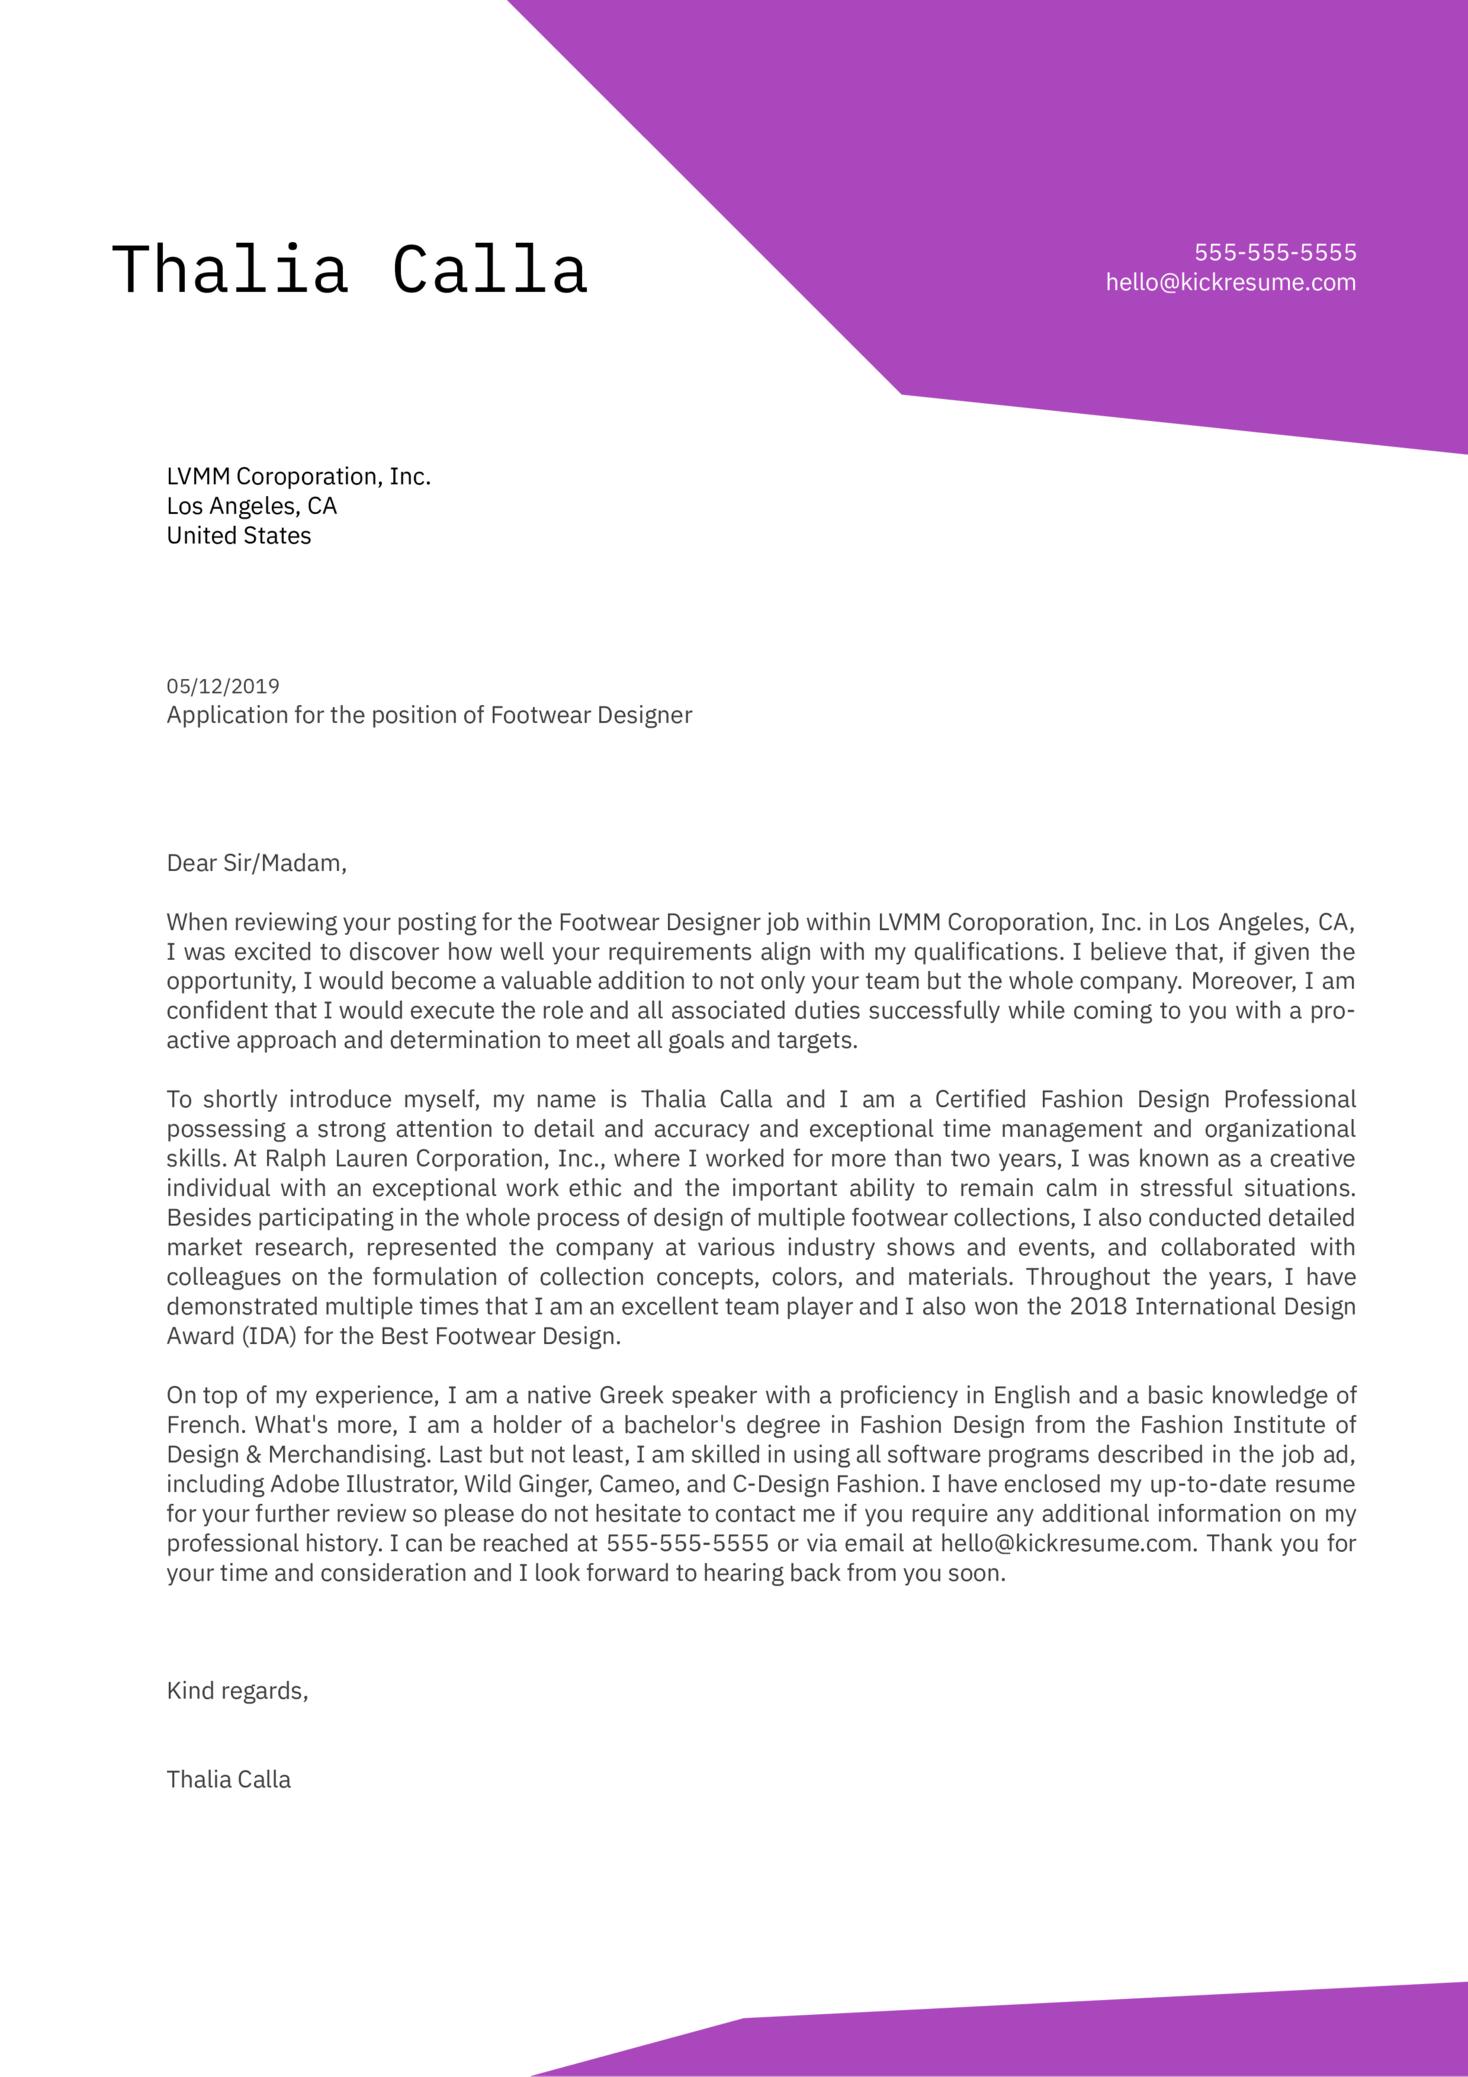 Footwear Designer Cover Letter Sample